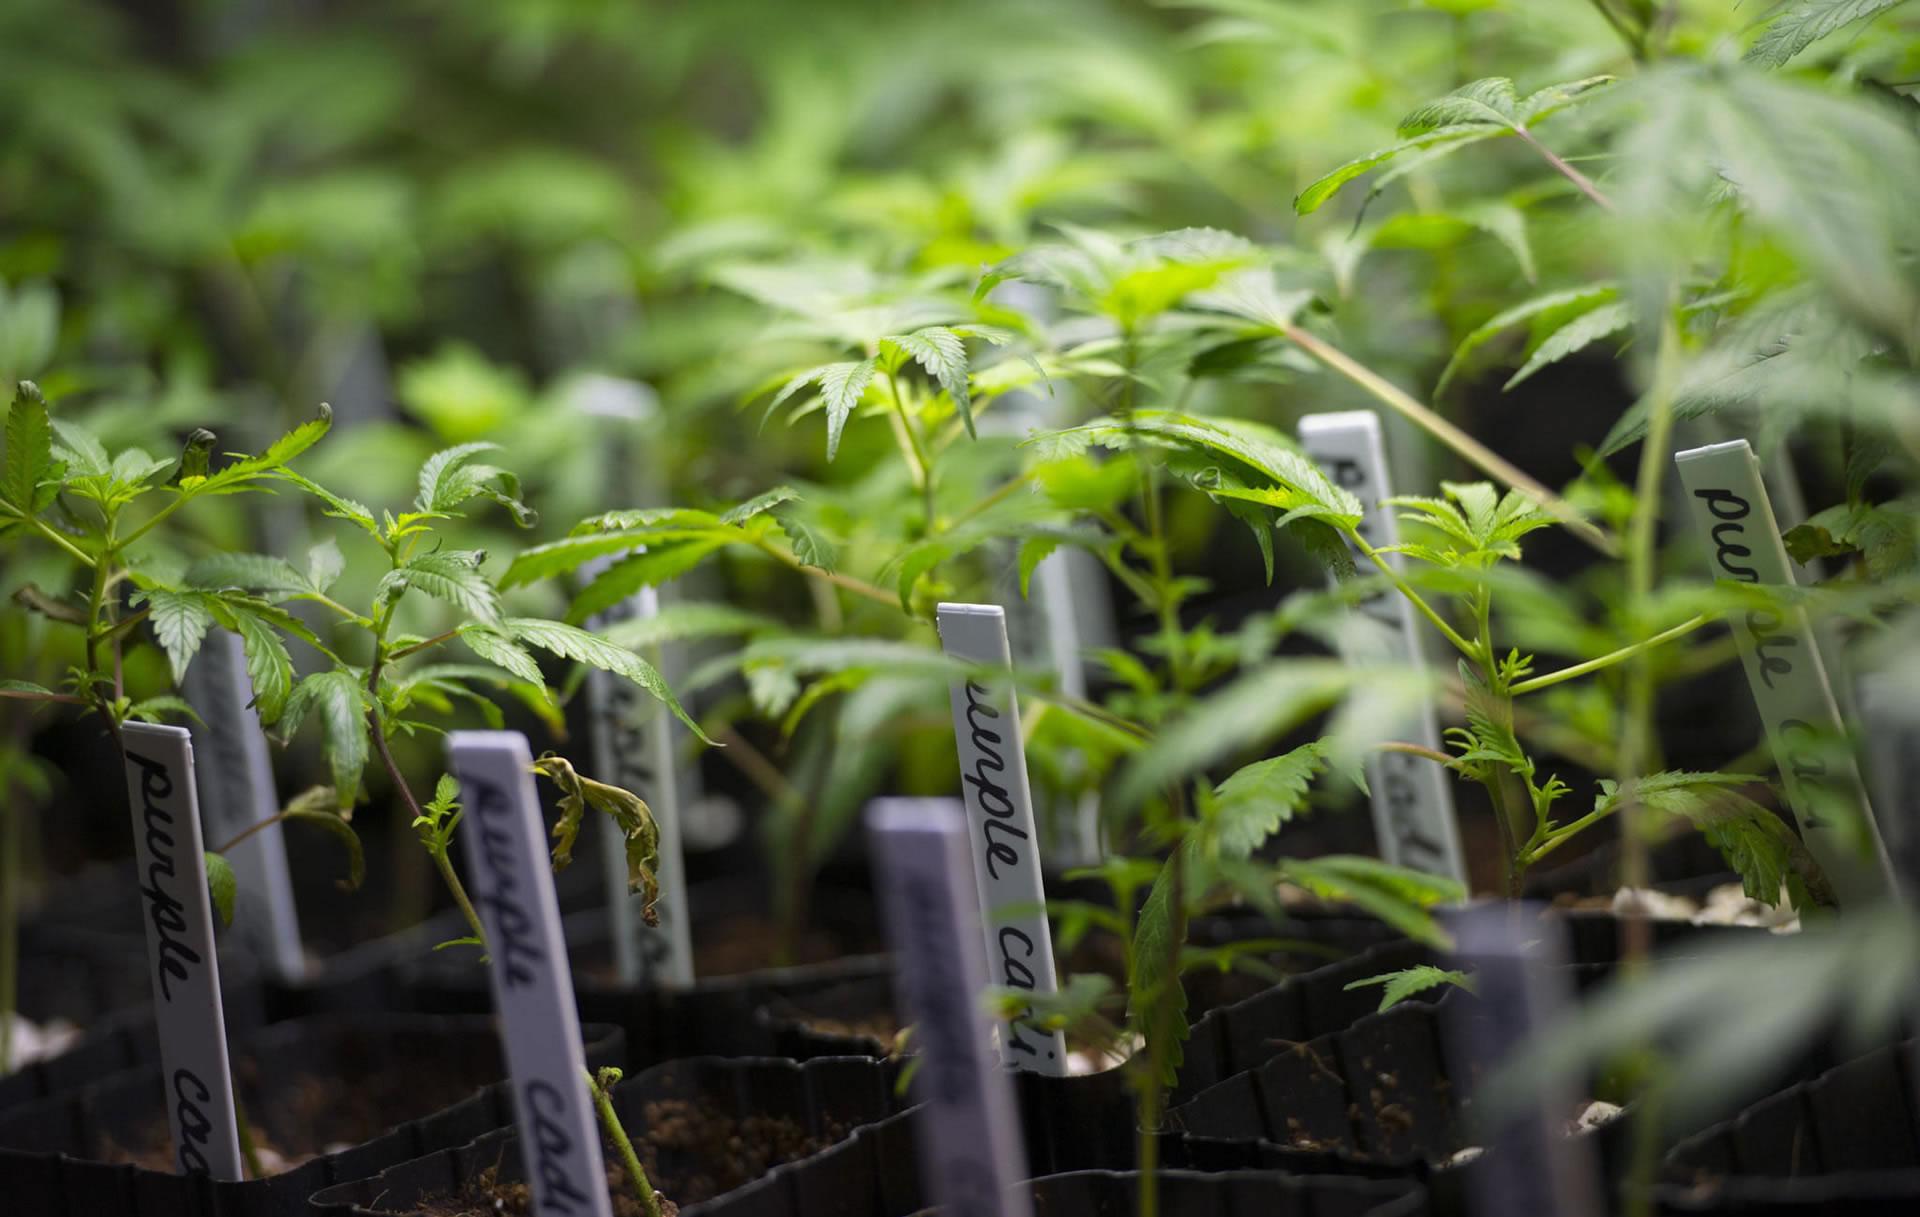 cloning plants Como fazer clones de plantas clonar plantas é um processo simples que permite reproduzir um determinado espécime de vegetal com o plantio de um segmento.